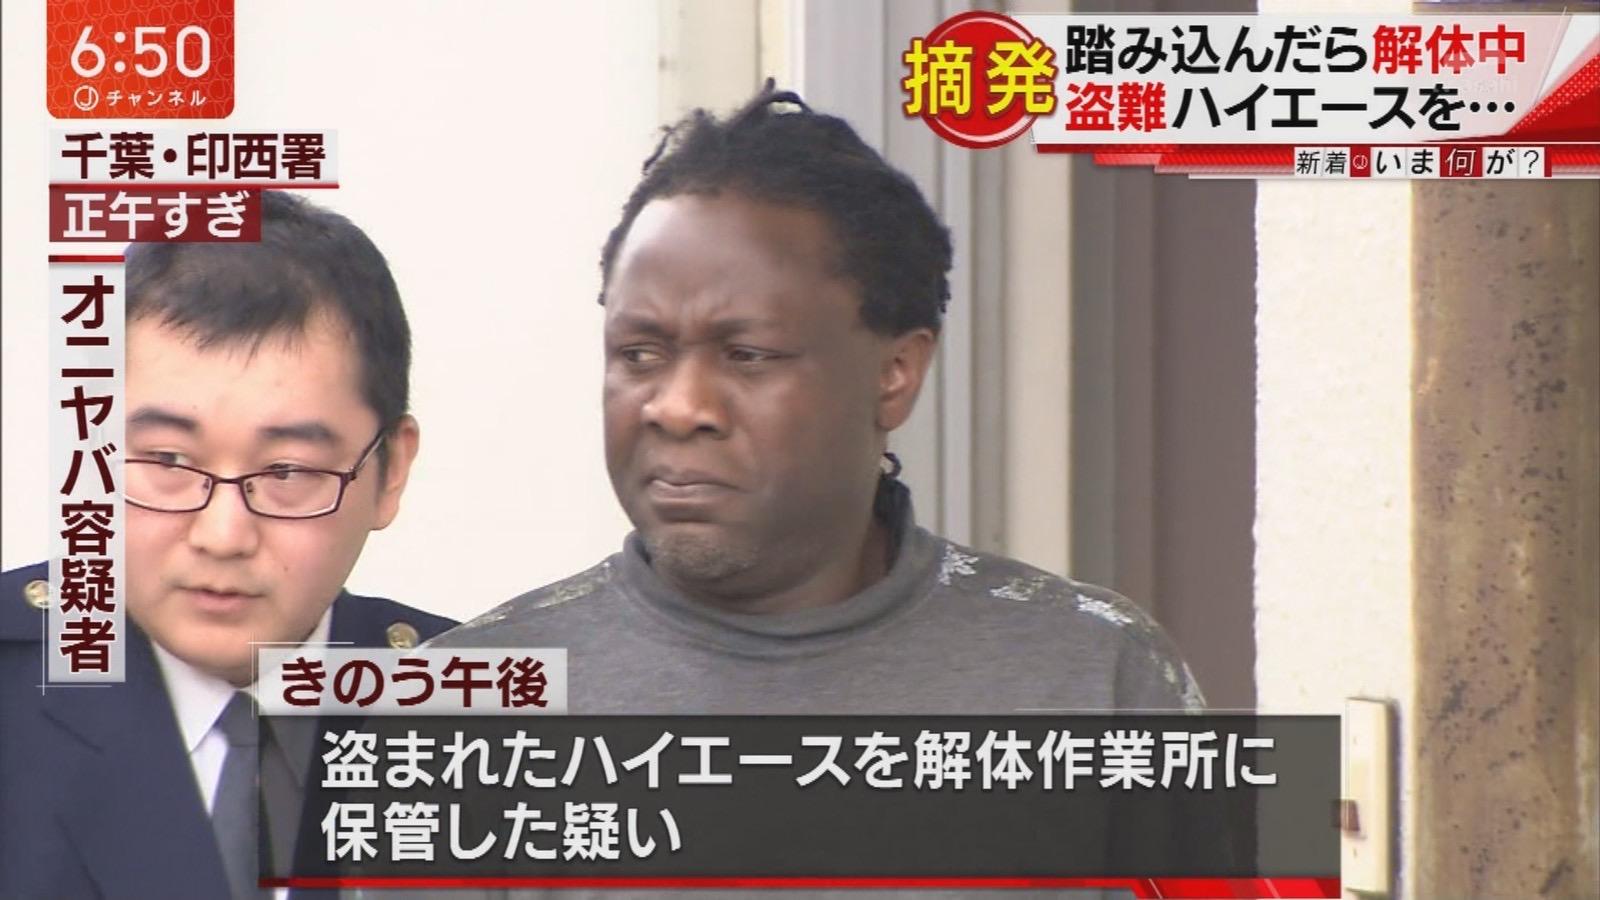 【画像】ヤバすぎるやつが逮捕される